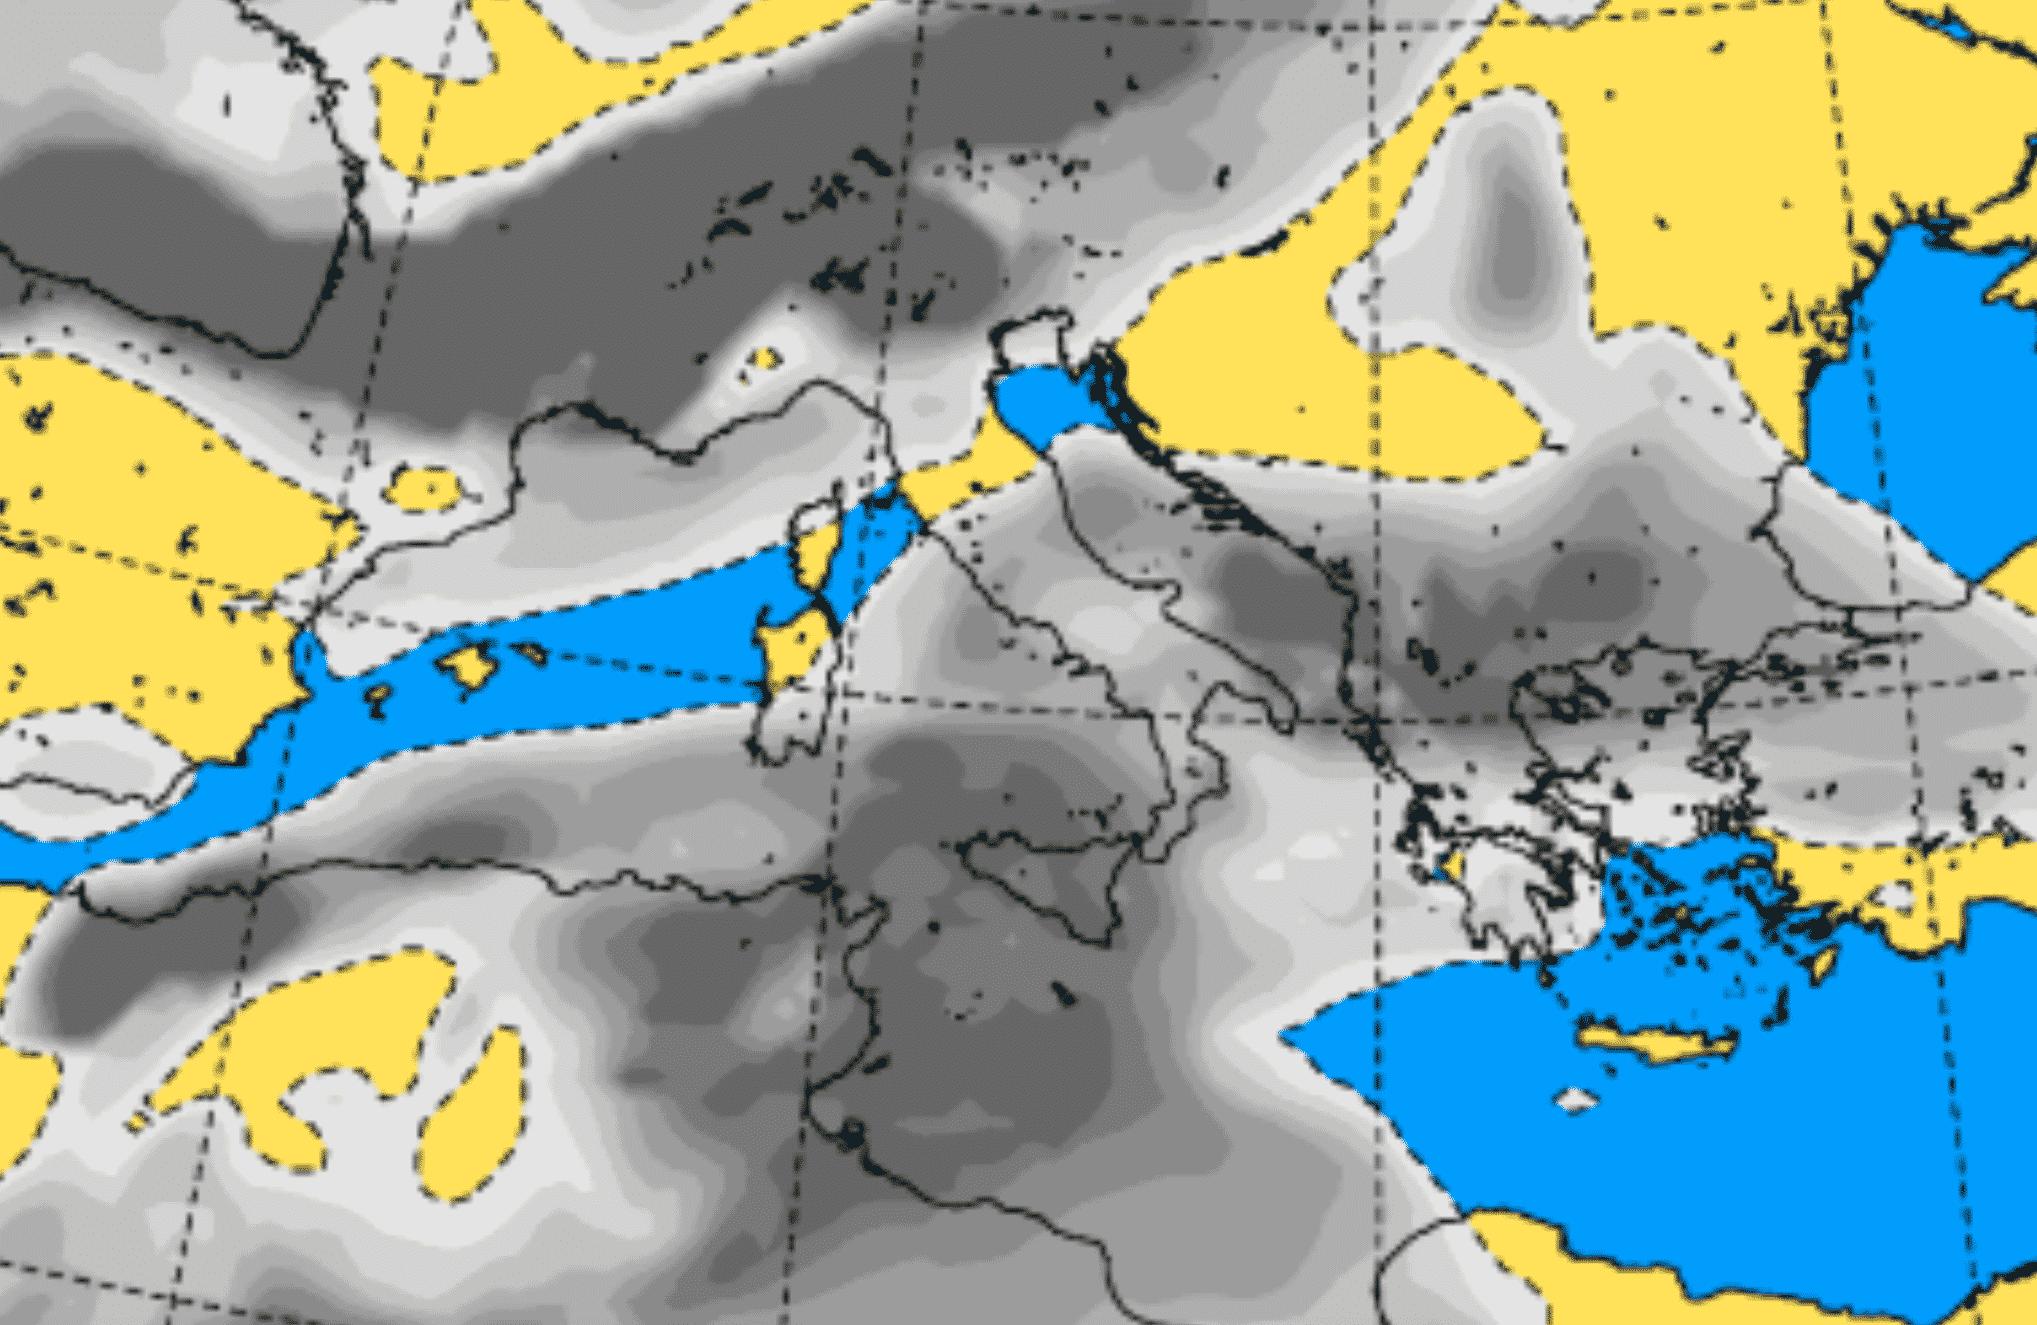 Previsioni Palermo e provincia, temporali e rovesci sparsi: allerta meteo per le prossime 24 ore